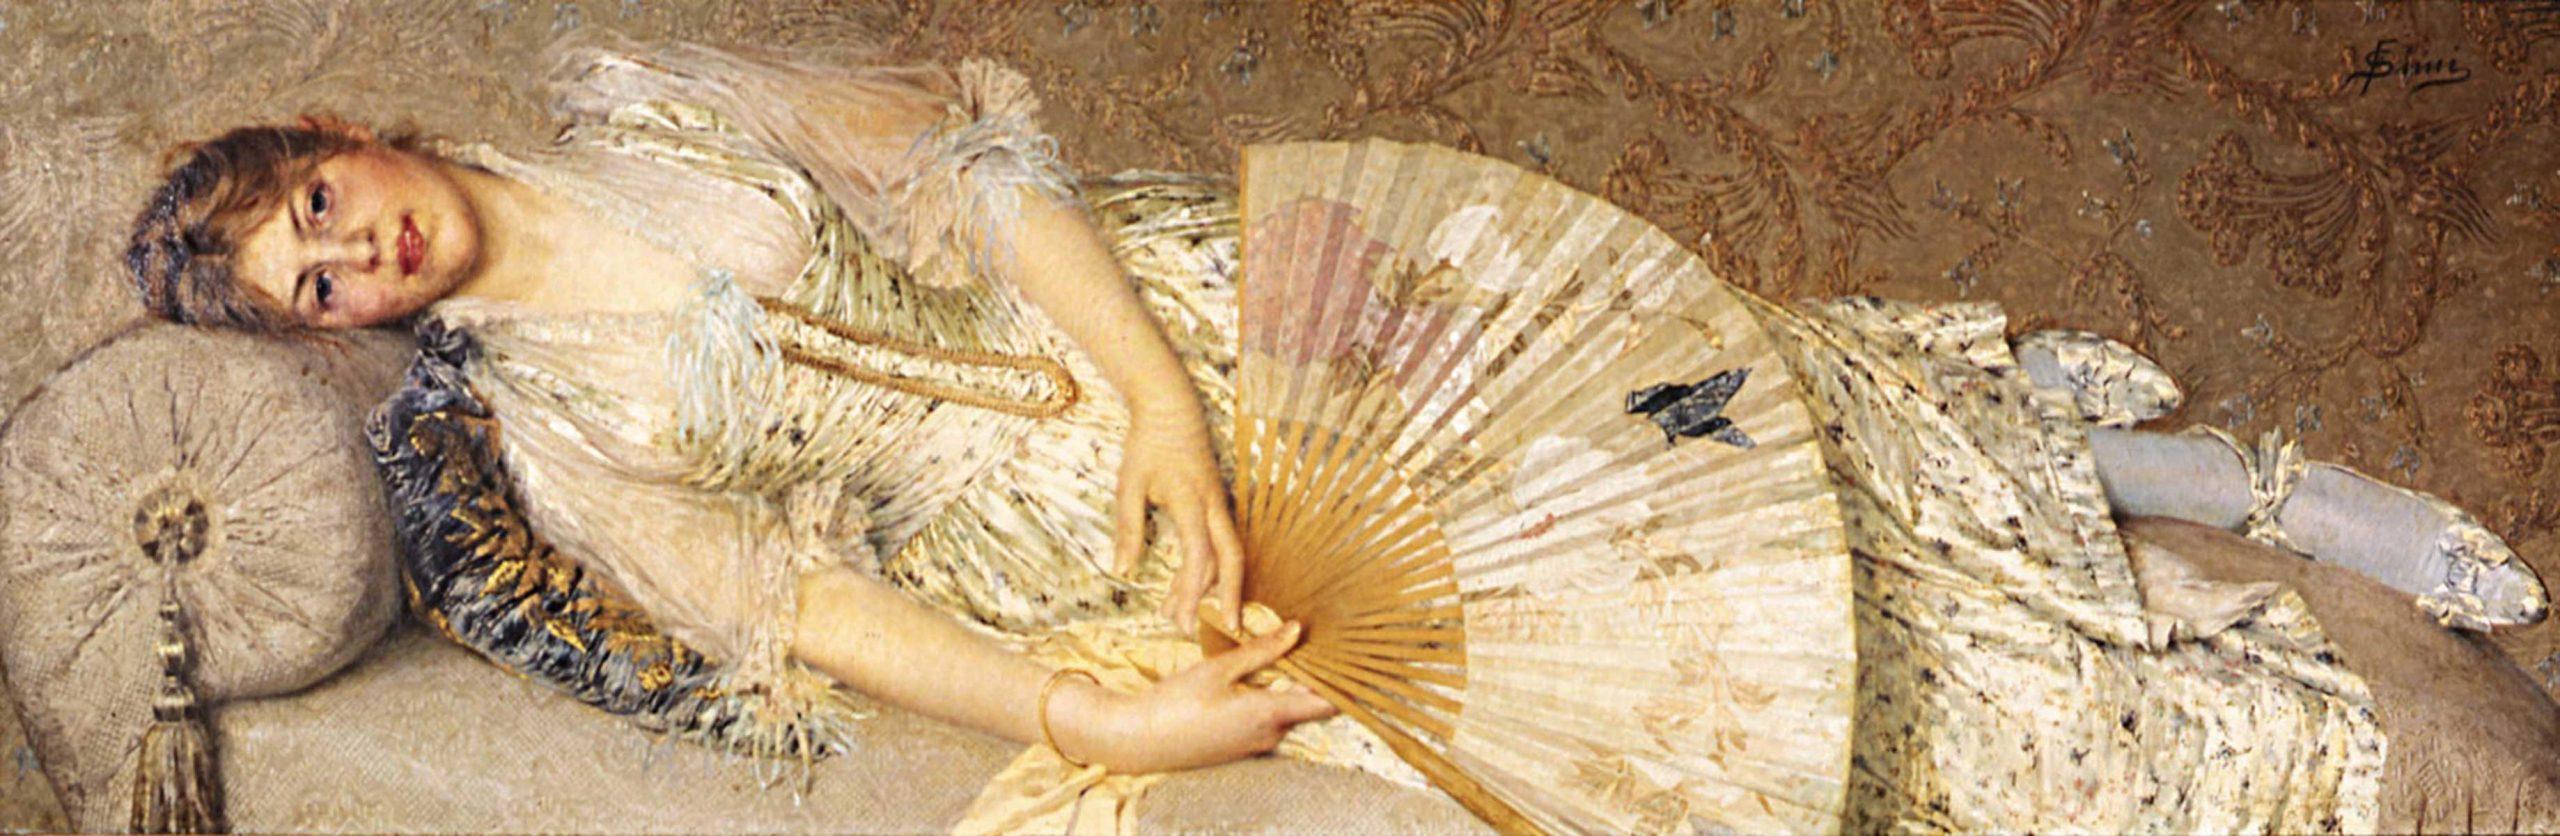 Filadelfo Simi, 1904, Madre-Perla, Palazzo-Pitti, Florence